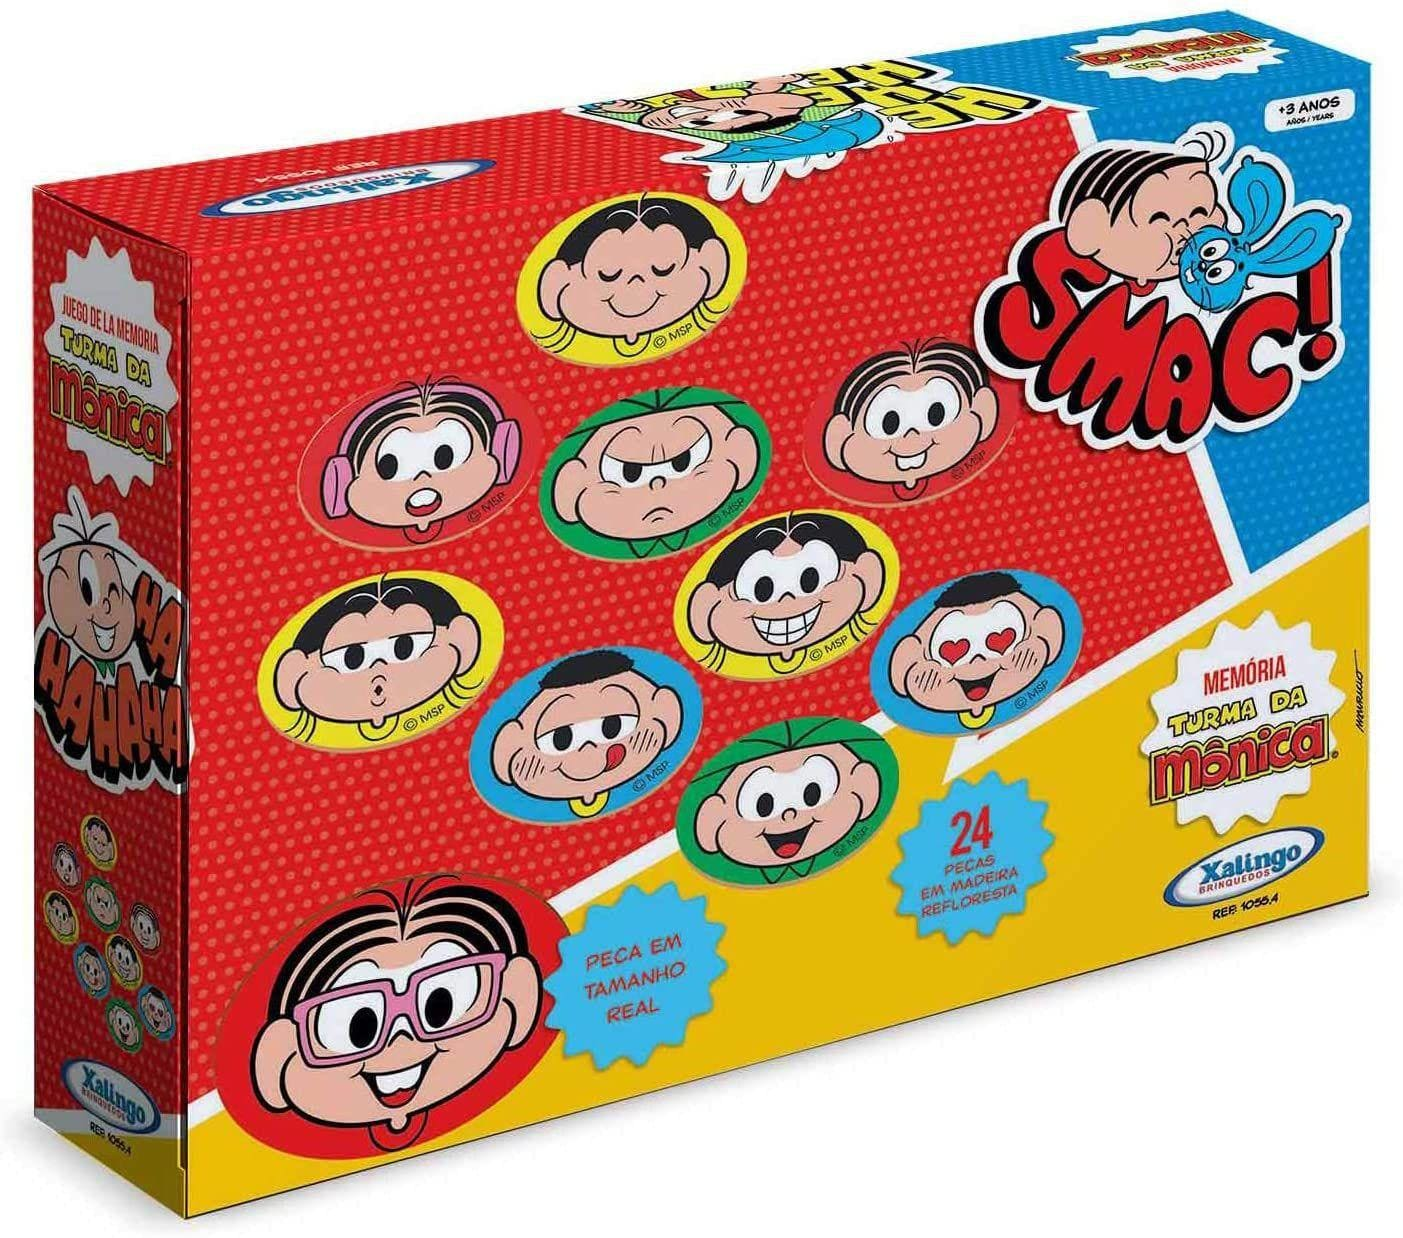 Jogo da Memória Turma da Monica 24 peças Brinquedo Xalingo